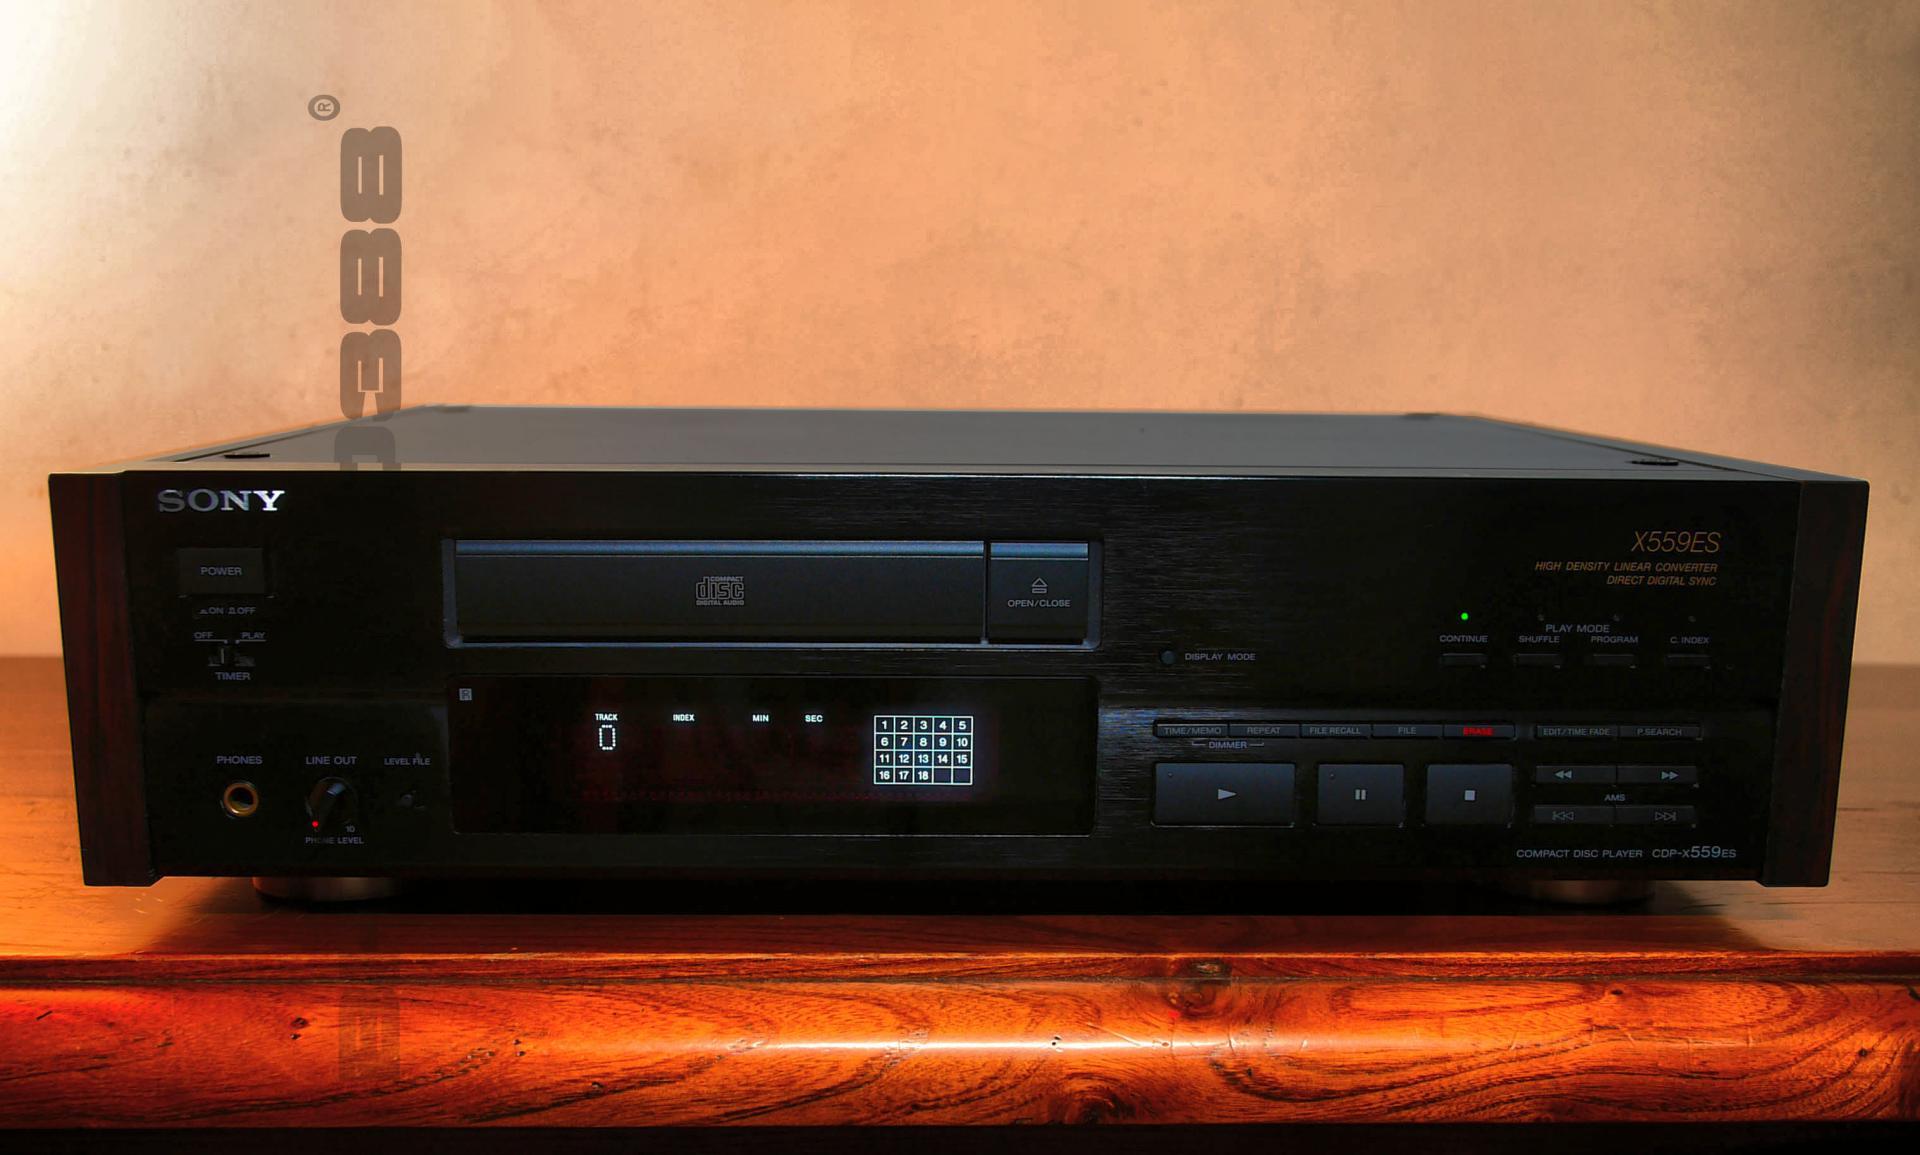 Sony cdp x559es bl